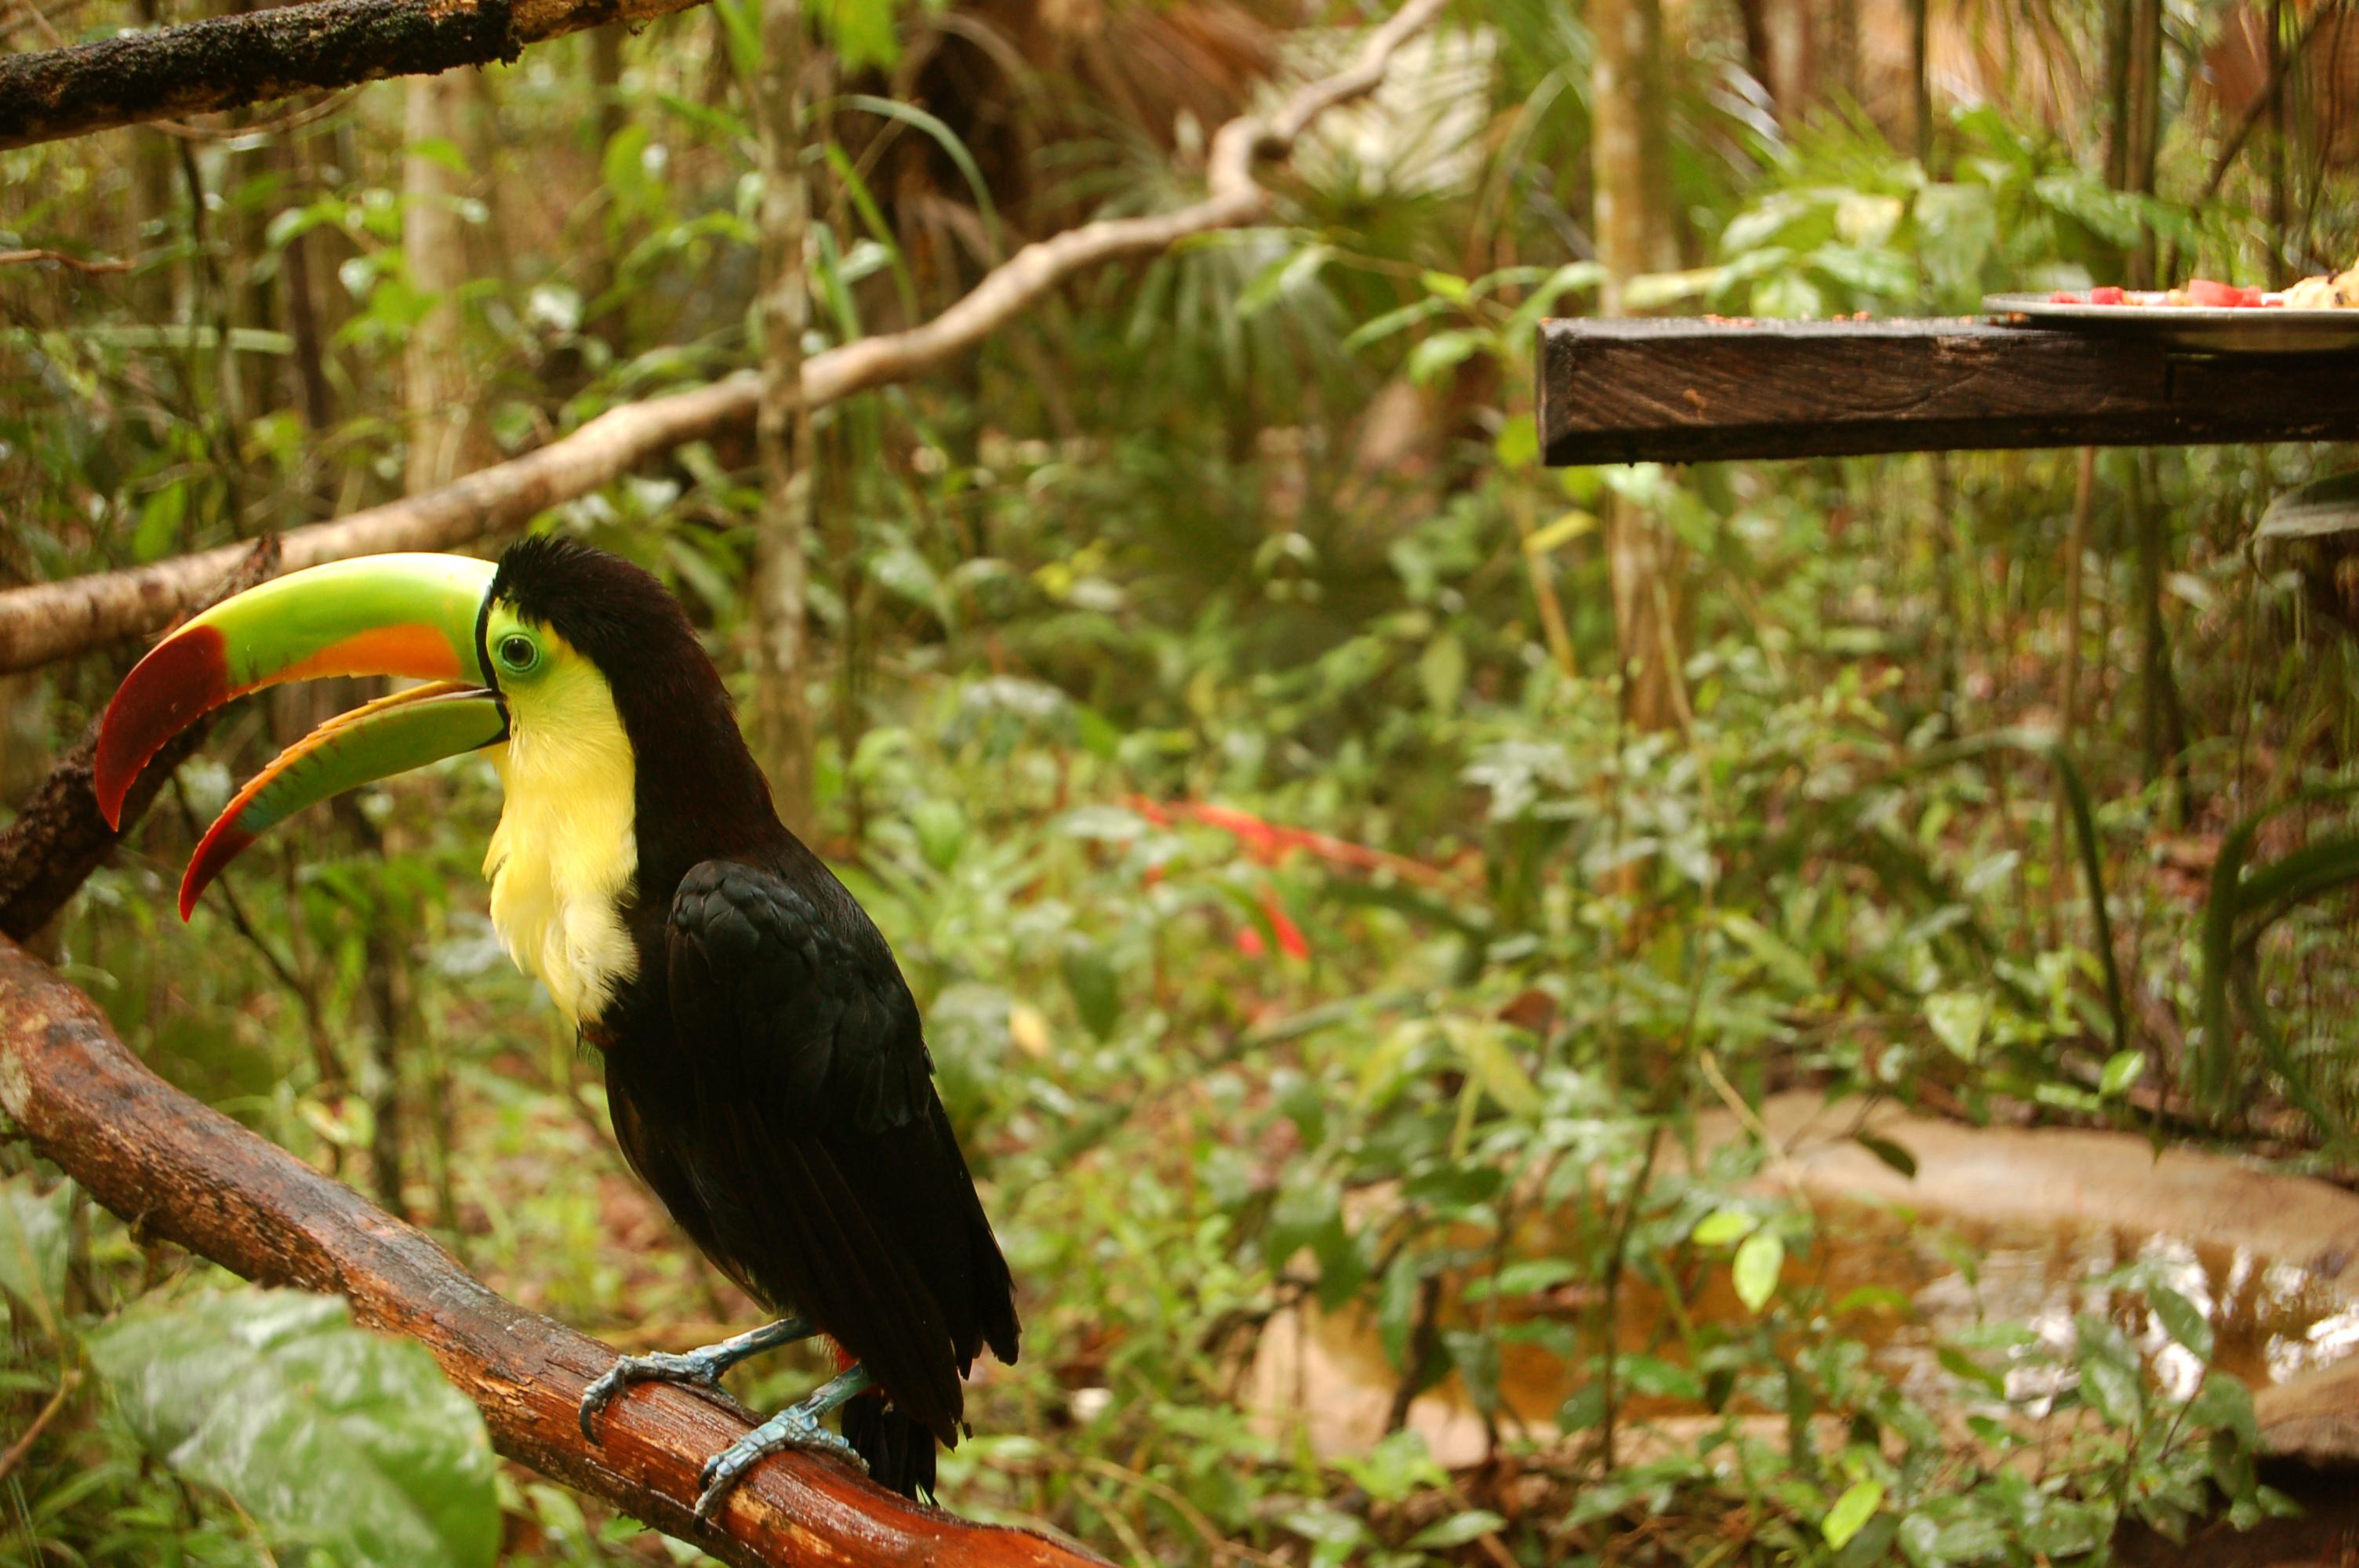 File:Ramphastos sulfuratus -Belize Zoo-6a.jpg - Wikimedia Commons: commons.wikimedia.org/wiki/file:ramphastos_sulfuratus_-belize_zoo...